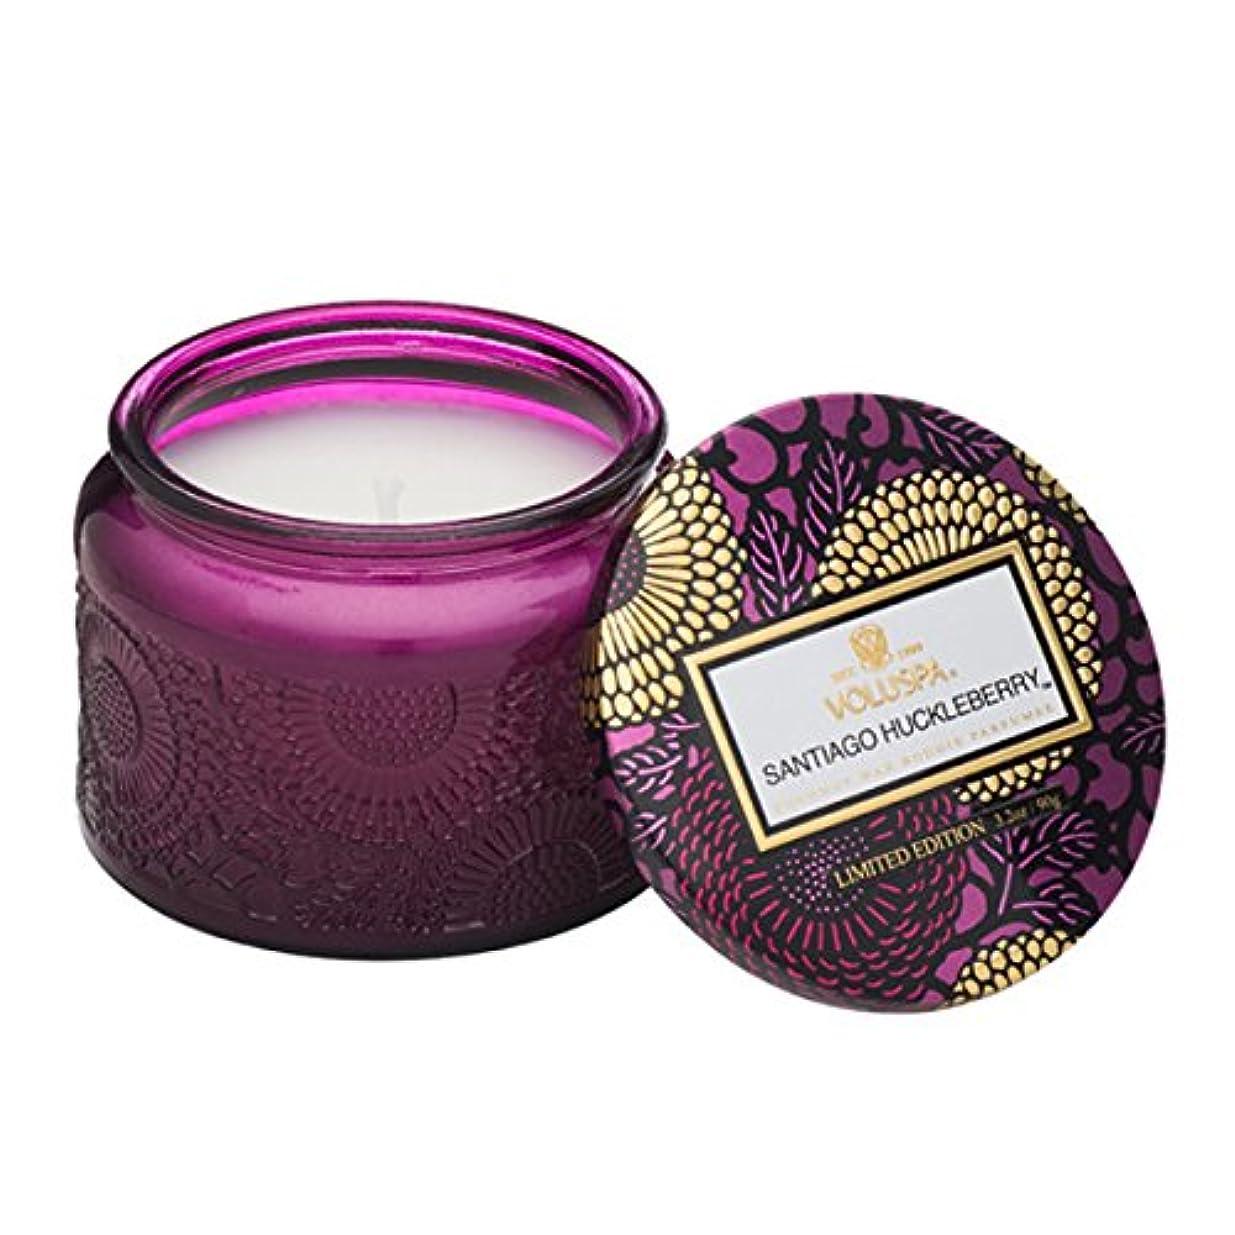 モート仕事に行く髄Voluspa ボルスパ ジャポニカ リミテッド グラスジャーキャンドル  S サンティアゴ ハックルベリー SANTIAGO HUCKLEBERRY JAPONICA Limited PETITE EMBOSSED Glass jar candle